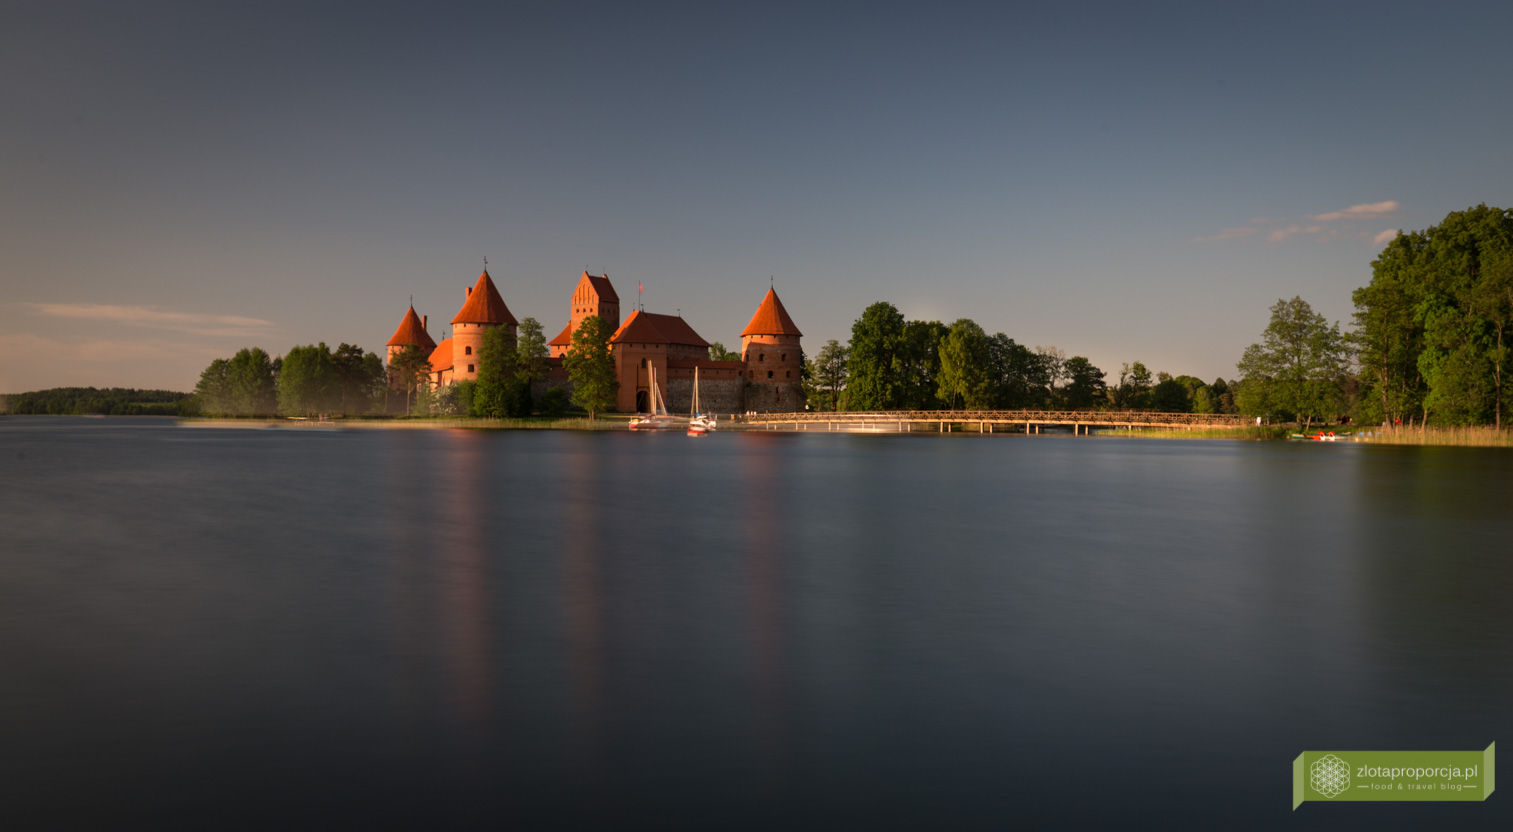 Zamek w Trokach, Troki, okolice Wilna, Litwa, atrakcje Litwy, Zamek Trocki